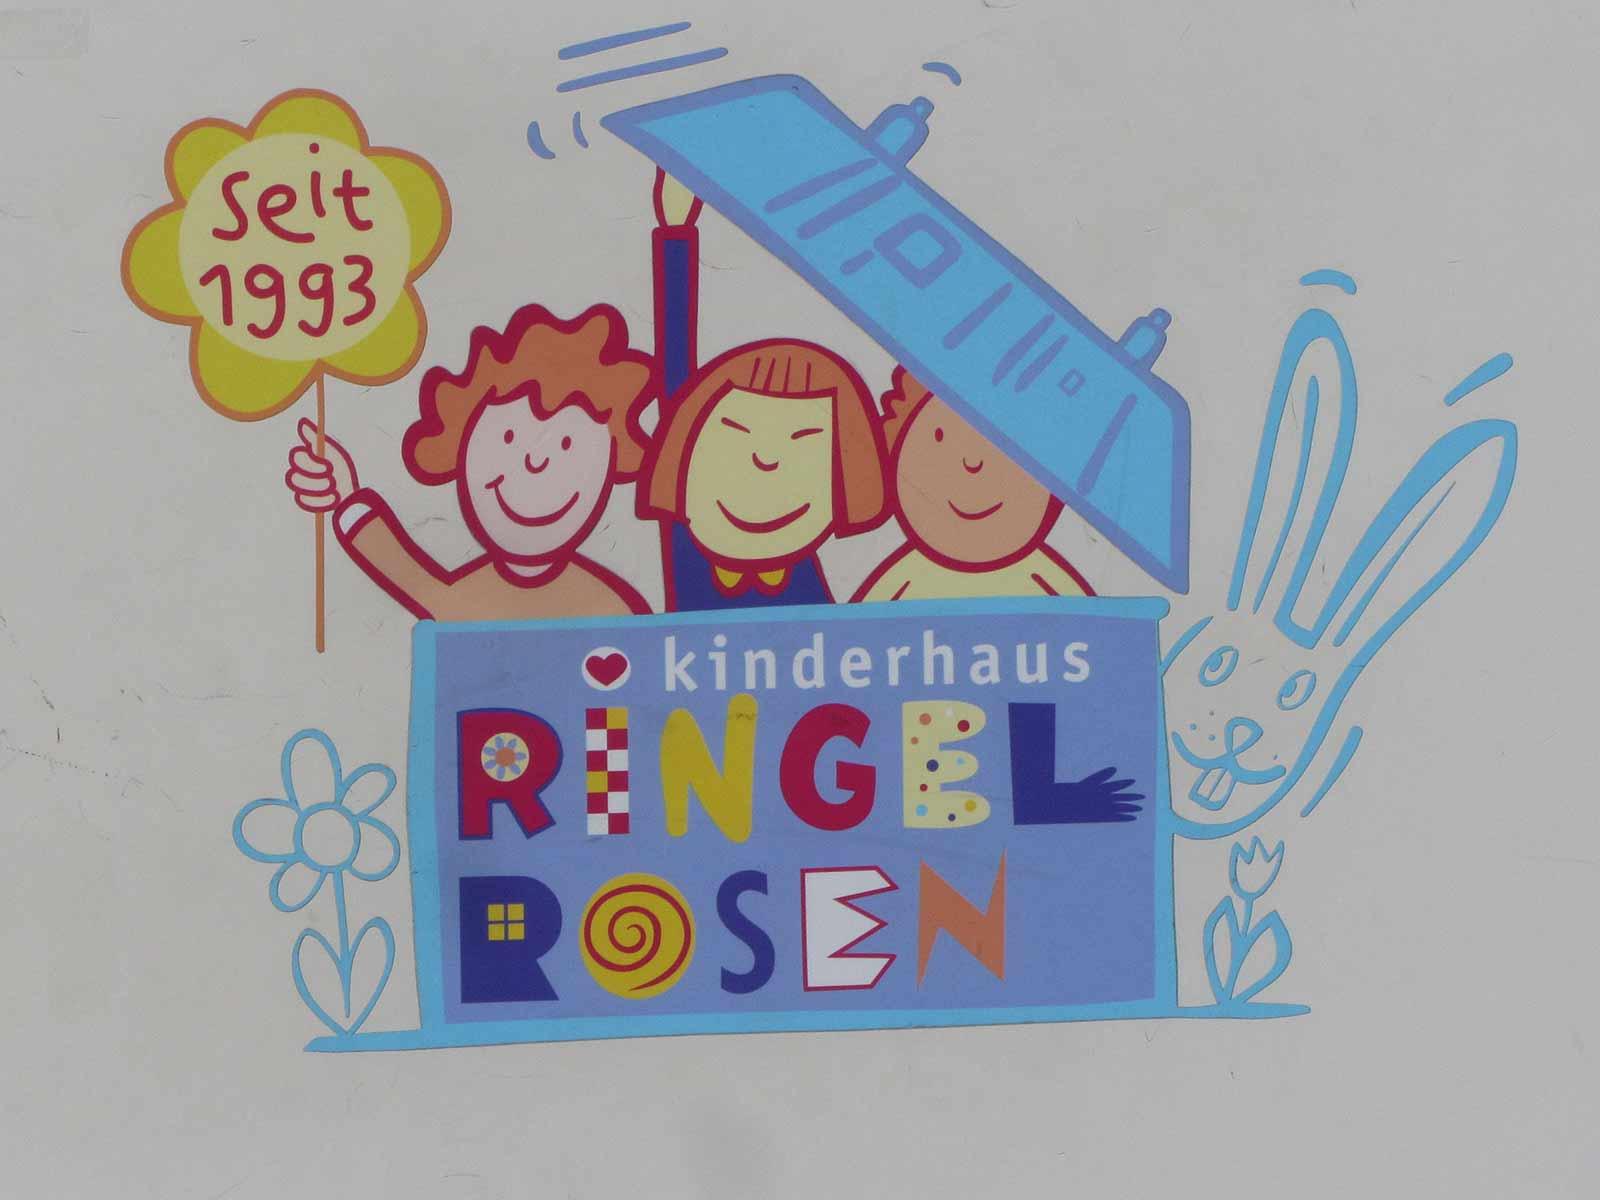 Kinderhaus Ringelrosen an der Rosengartenstrasse 69.